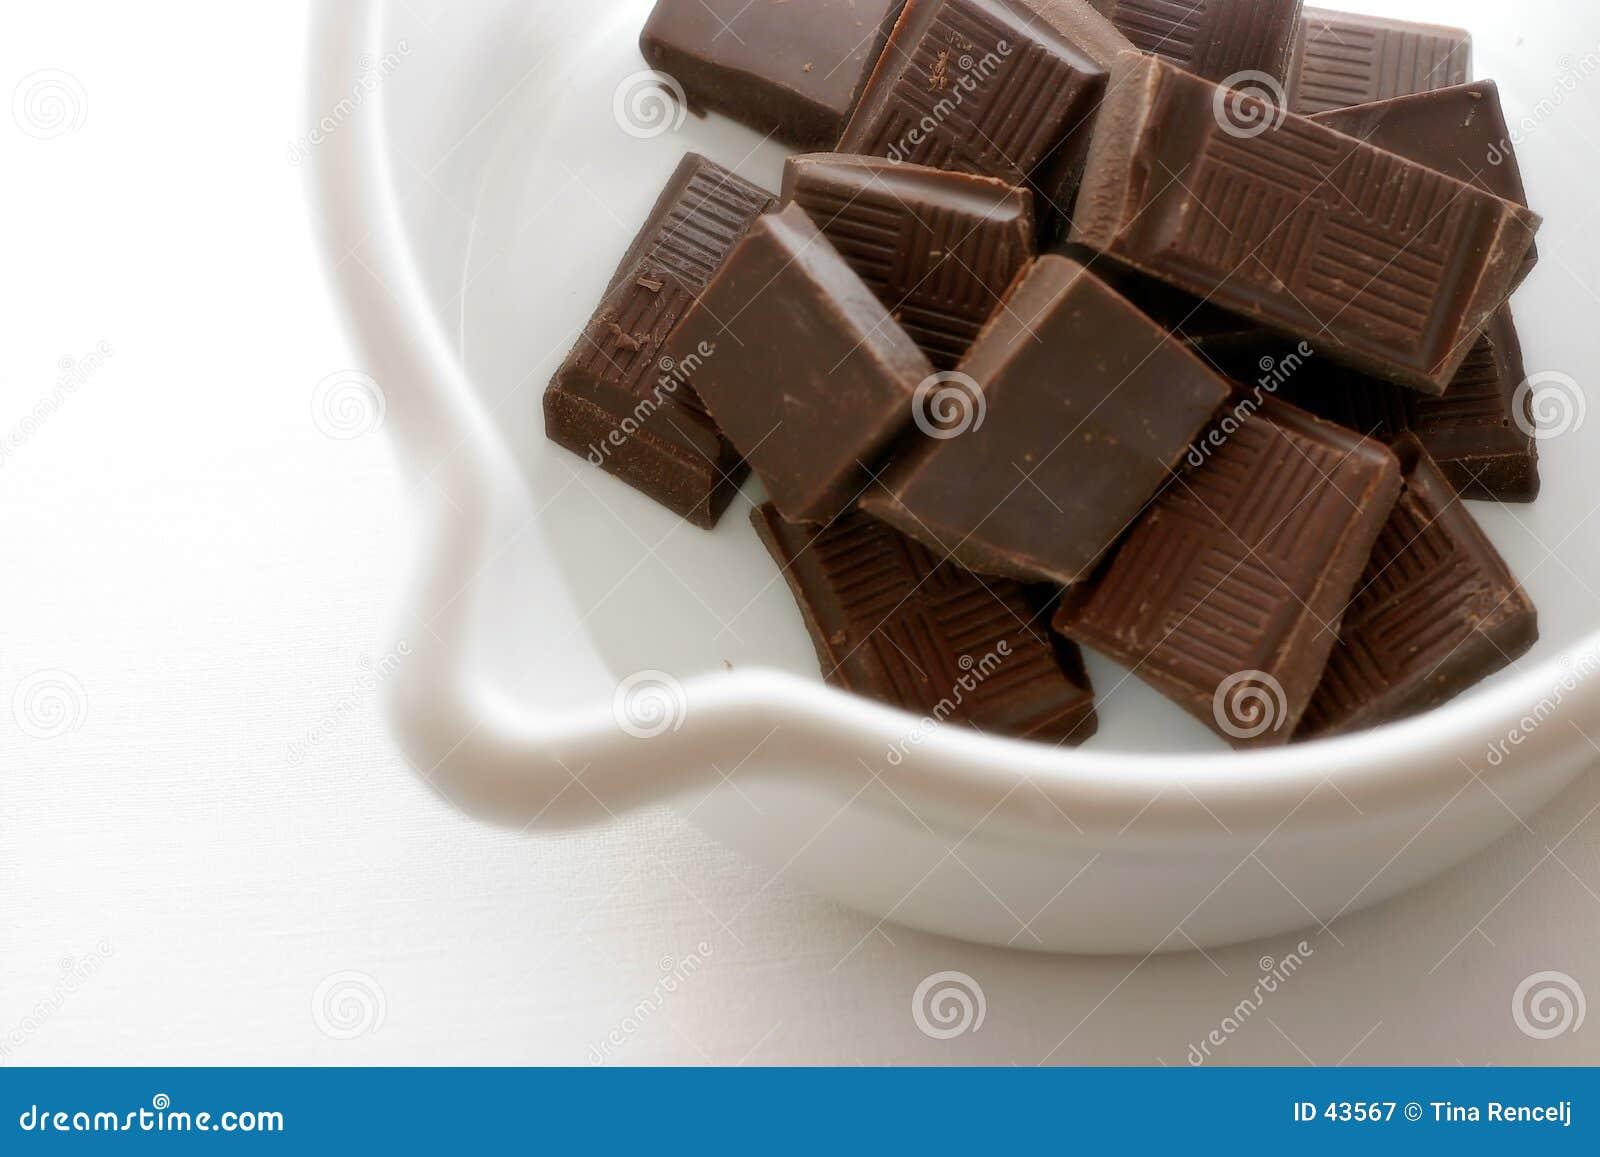 Preparando o chocolate quente mim